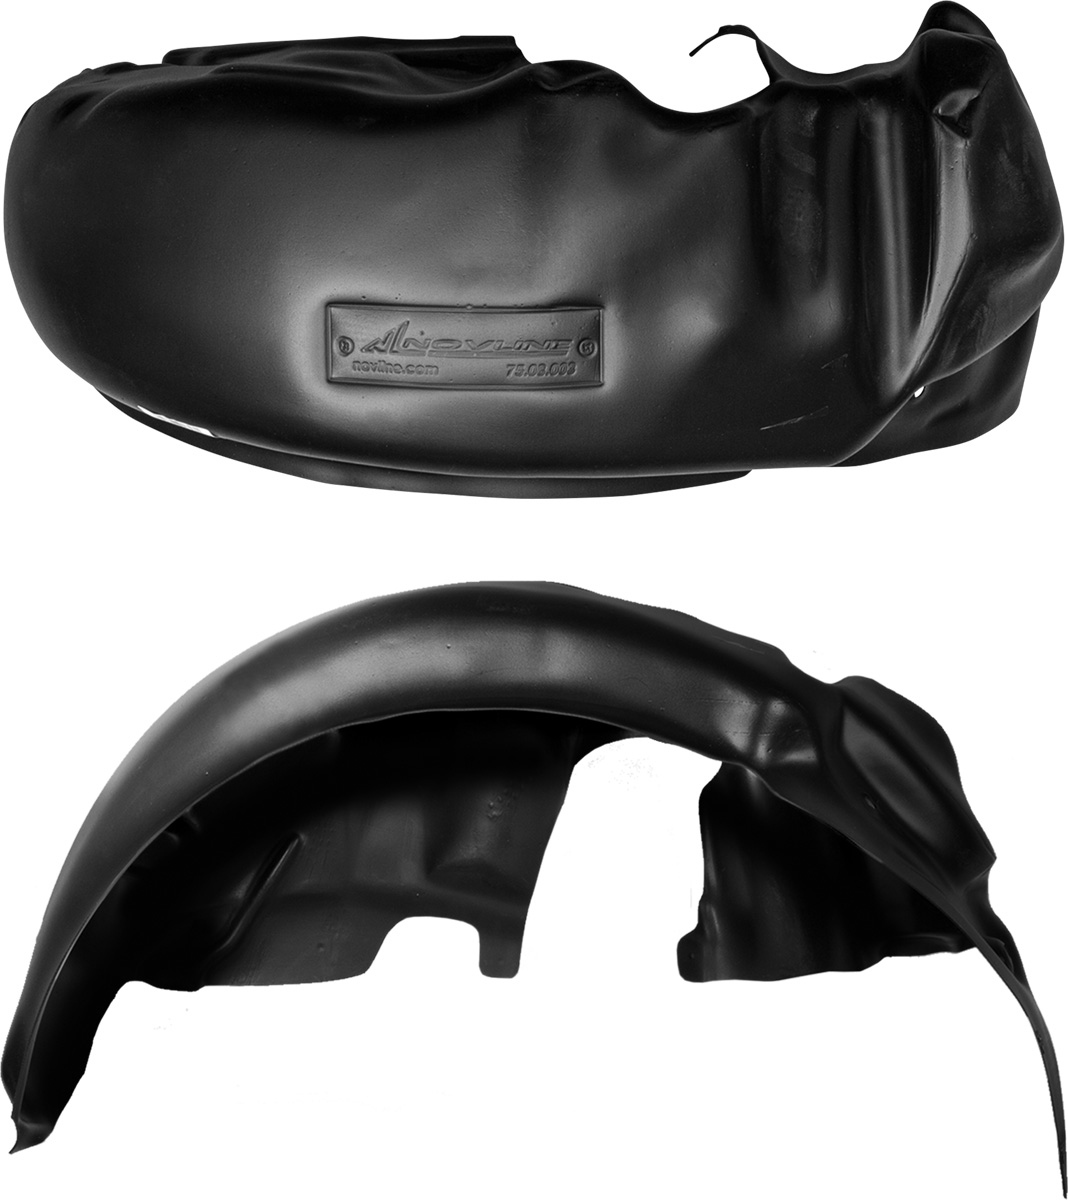 Подкрылок Novline-Autofamily, для Daewoo Nexia 1995-2007, 2007 -> (передний левый)DW90Подкрылок выполнен из высококачественного, экологически чистого пластика. Обеспечивает надежную защиту кузова автомобиля от пескоструйного эффекта и негативного влияния, агрессивных антигололедных реагентов. Пластик обладает более низкой теплопроводностью, чем металл, поэтому в зимний период эксплуатации использование пластиковых подкрылков позволяет лучше защитить колесные ниши от налипания снега и образования наледи. Оригинальность конструкции подчеркивает элегантность автомобиля, бережно защищает нанесенное на днище кузова антикоррозийное покрытие и позволяет осуществить крепление подкрылка внутри колесной арки практически без дополнительного крепежа и сверления, не нарушая при этом лакокрасочного покрытия, что предотвращает возникновение новых очагов коррозии. Технология крепления подкрылка на иномарки принципиально отличается от крепления на российские автомобили и разрабатывается индивидуально для каждой модели автомобиля. Подкрылок долговечен, обладает высокой прочностью и сохраняет заданную форму, а также все свои физико-механические характеристики в самых тяжелых климатических условиях ( от -50° С до + 50° С).